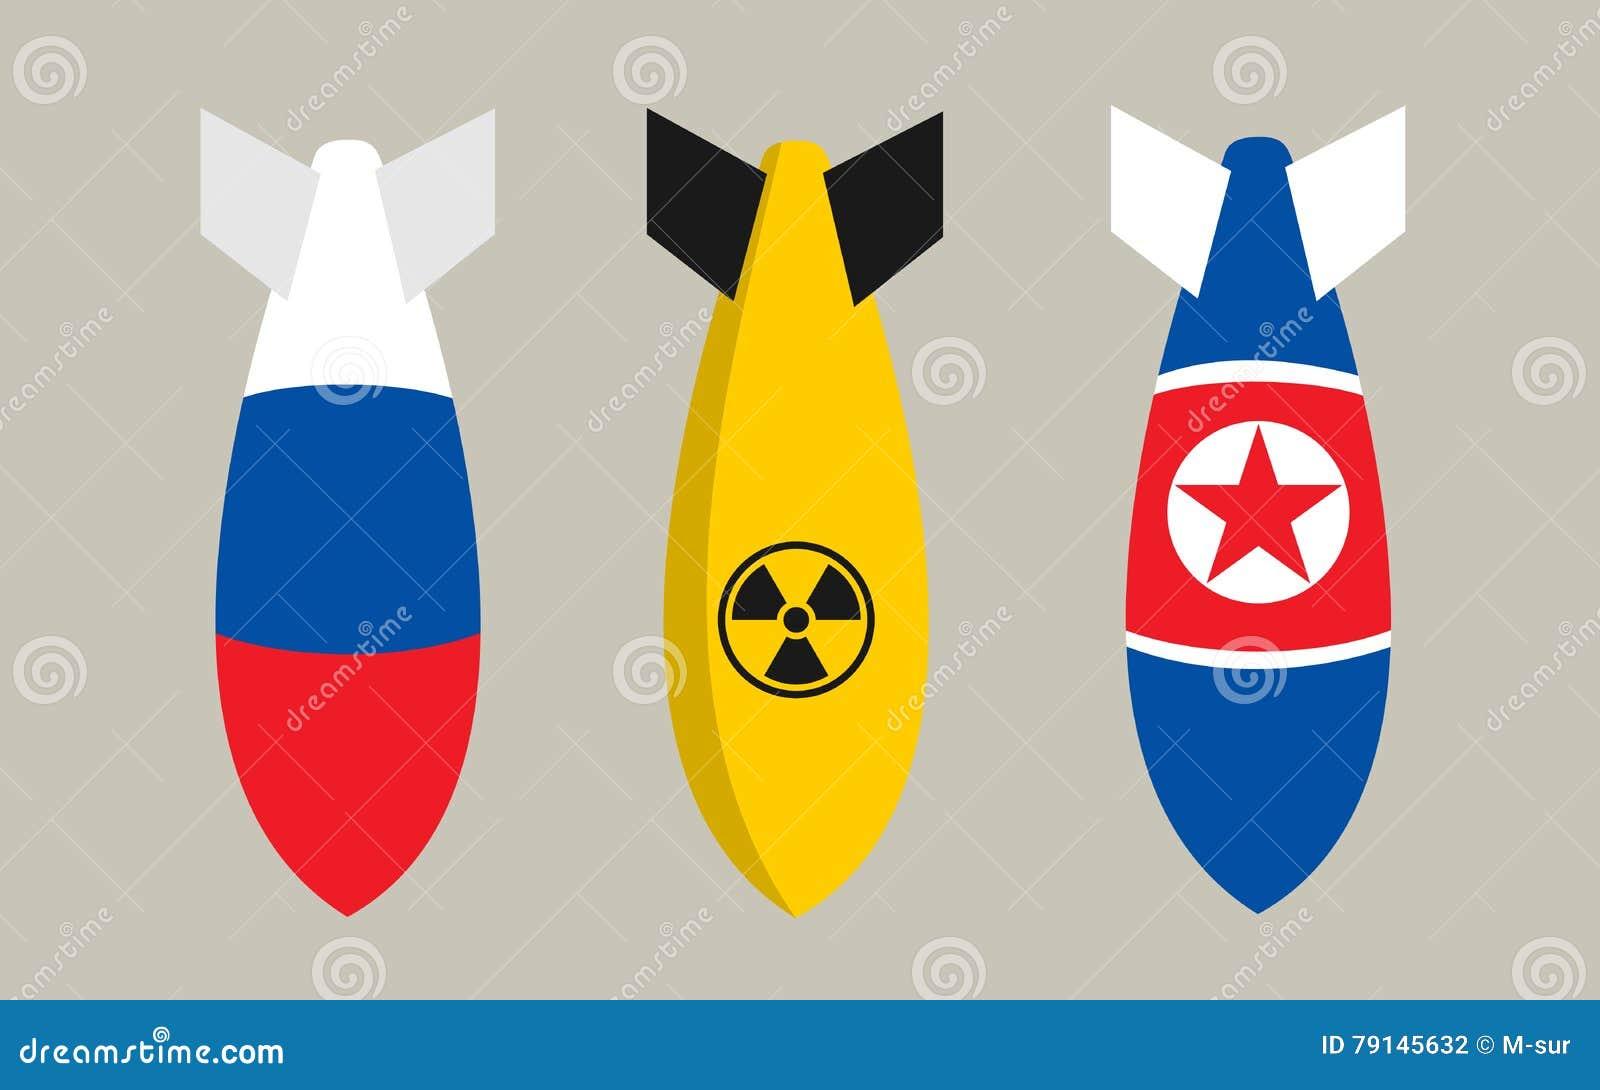 Bombas de Rusia, de Corea del Norte y de la bomba nuclear